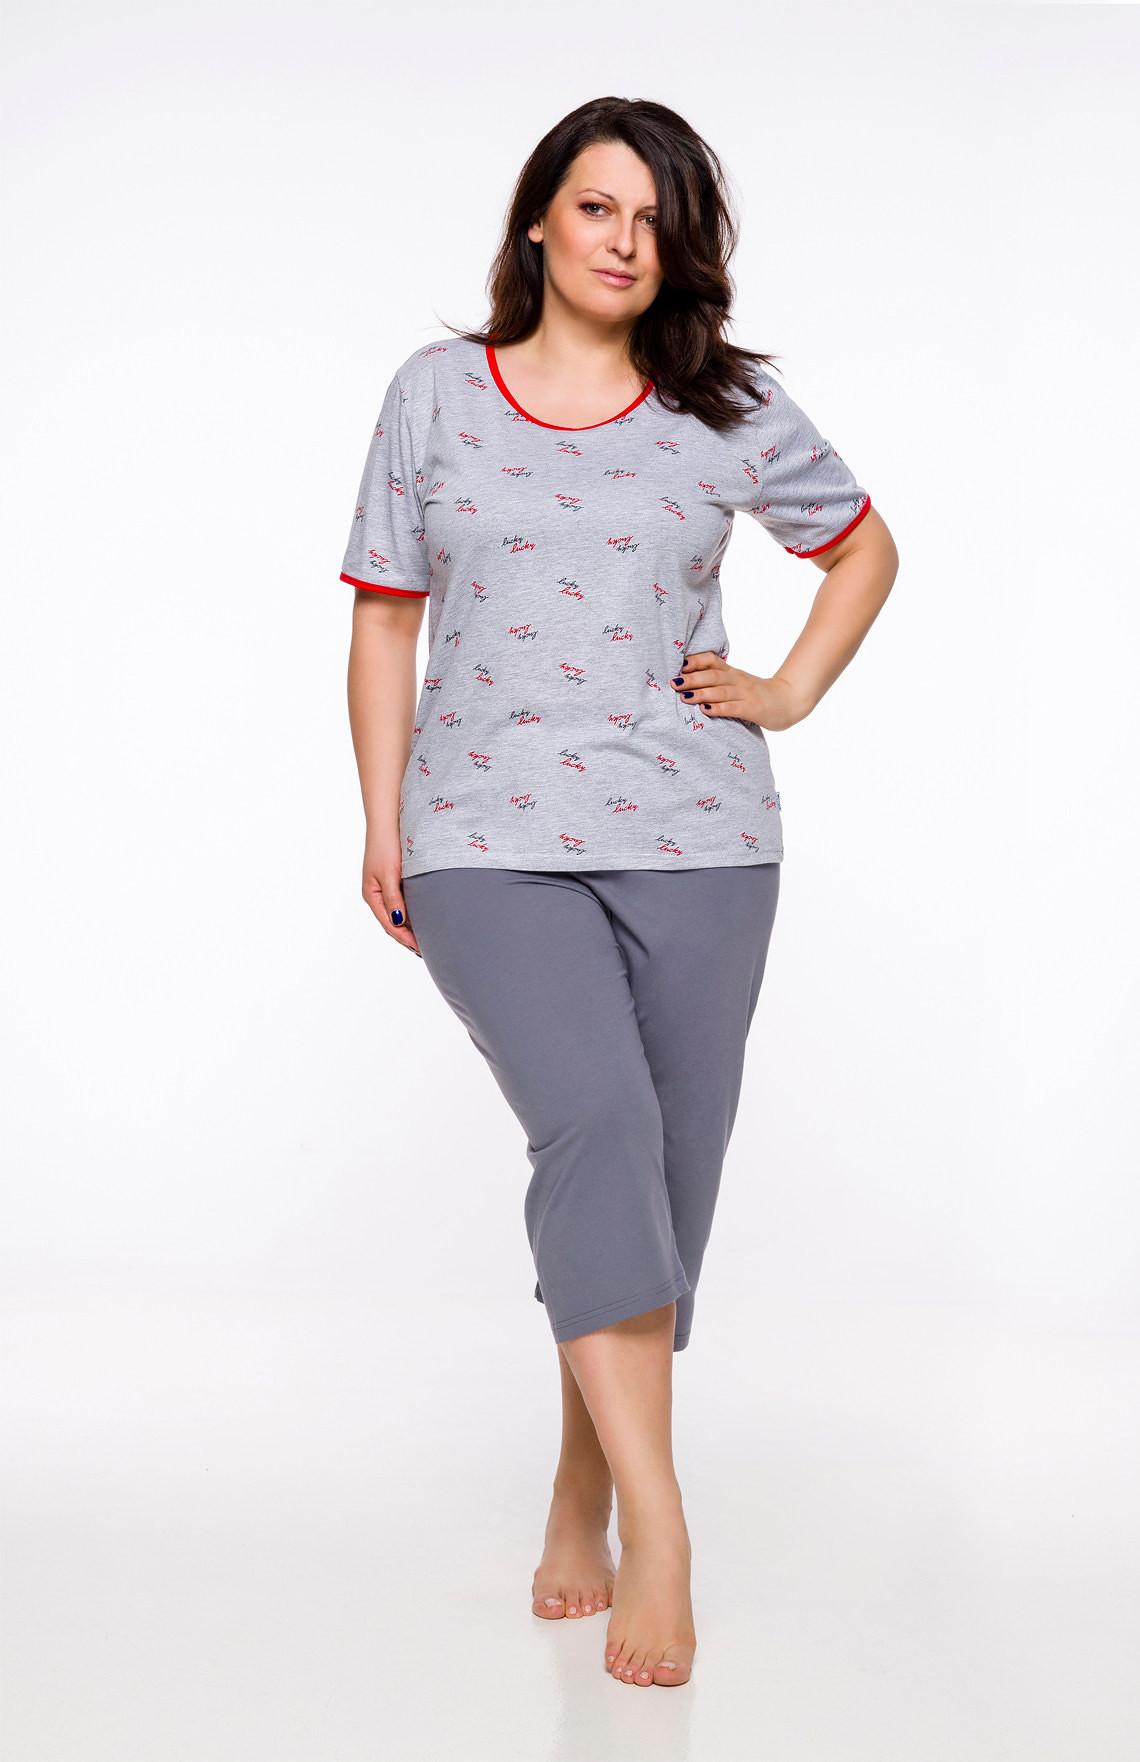 004b7b170703b0 Piżama Taro Róża 2334 kr/r 2XL-4XL '20 - Bielizna damska - piżamy ...